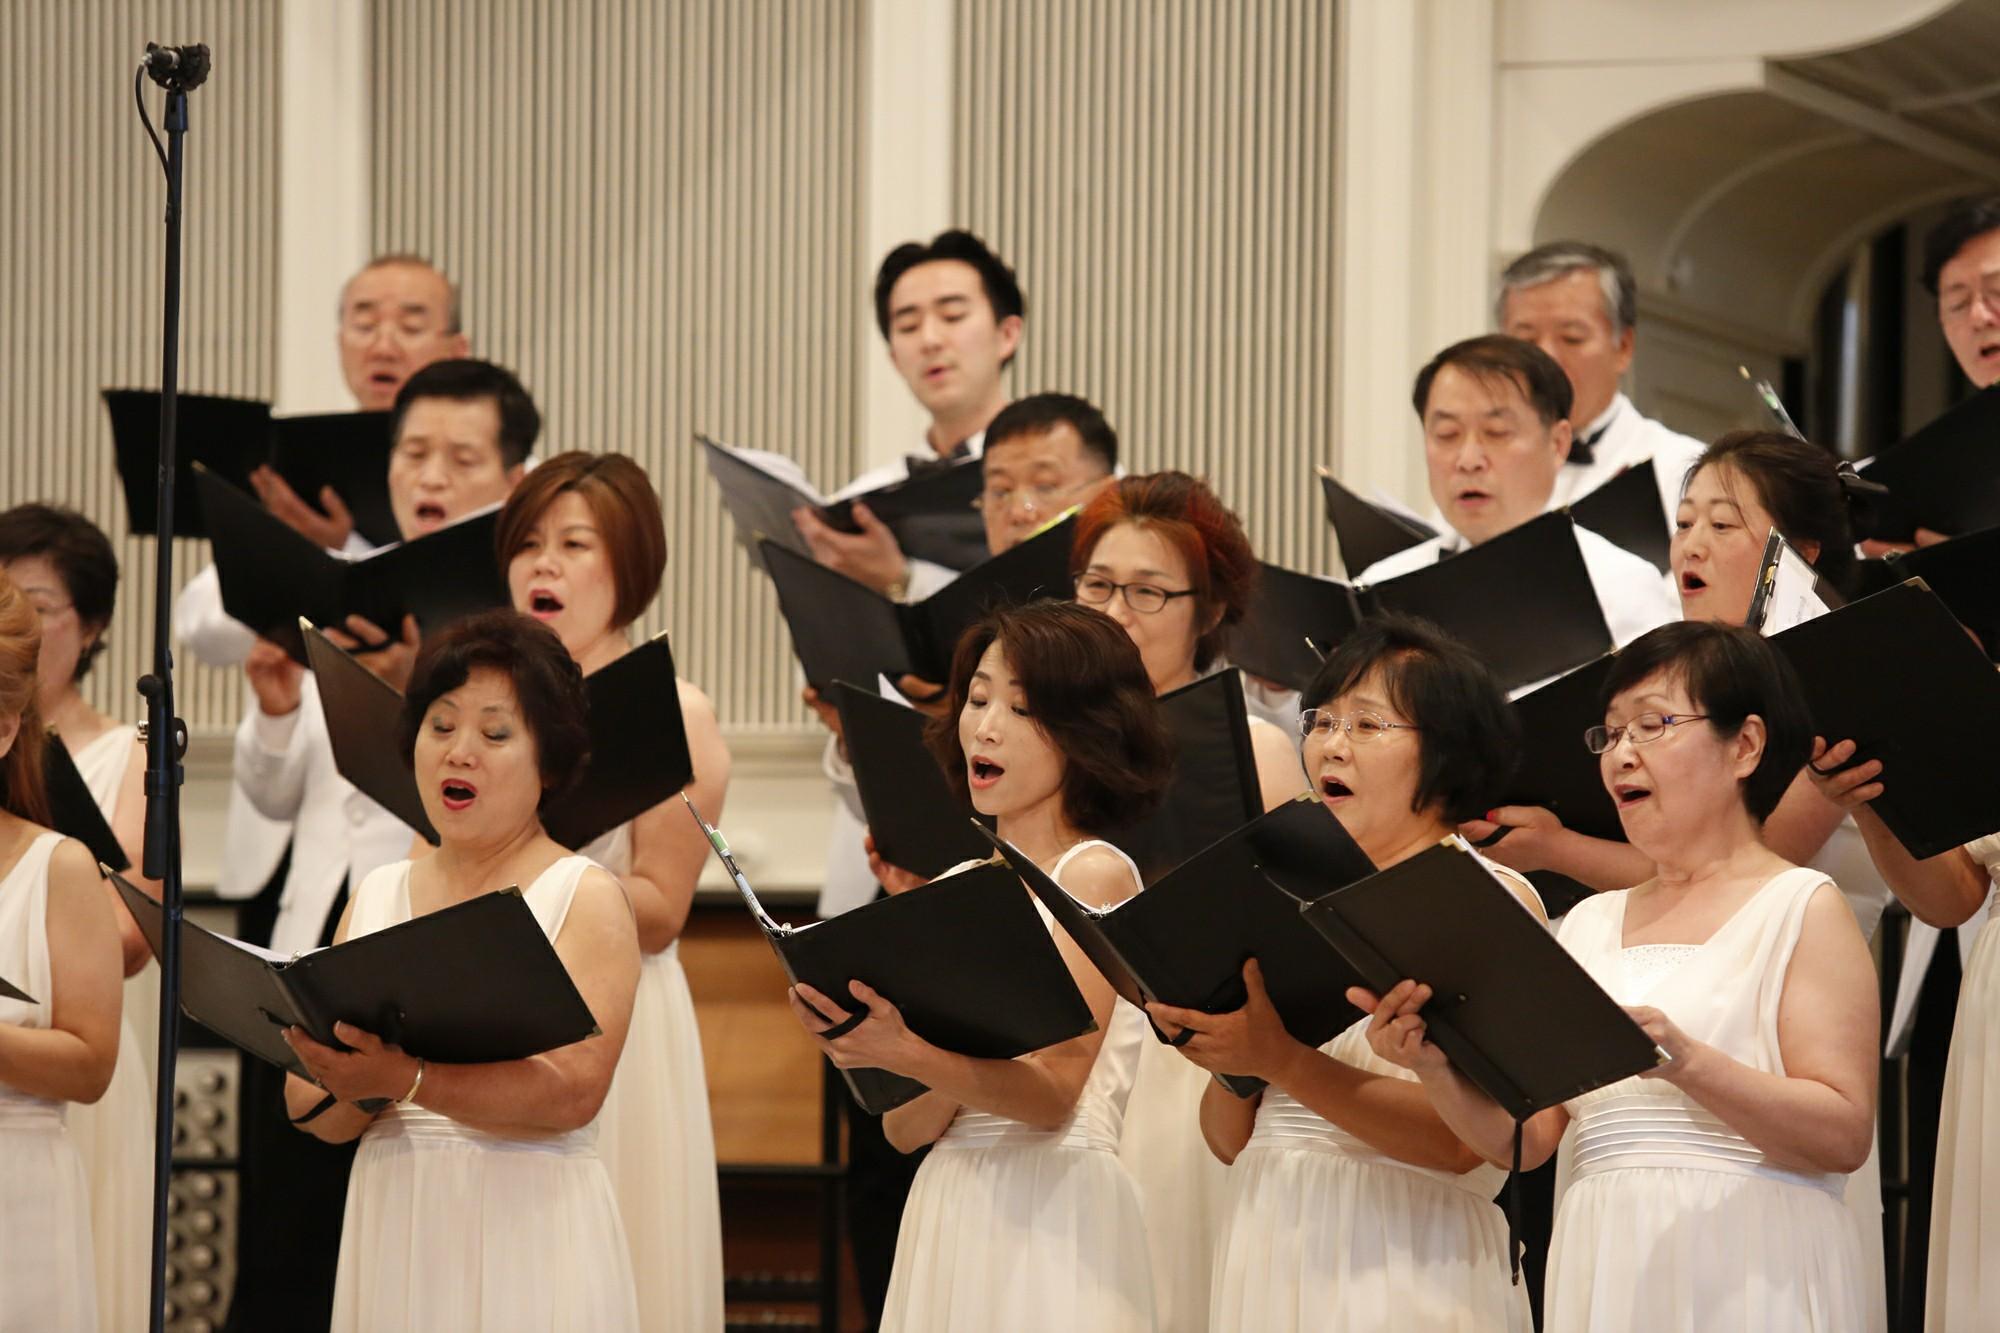 한국의 혼 연주회 단원 사진5.jpg